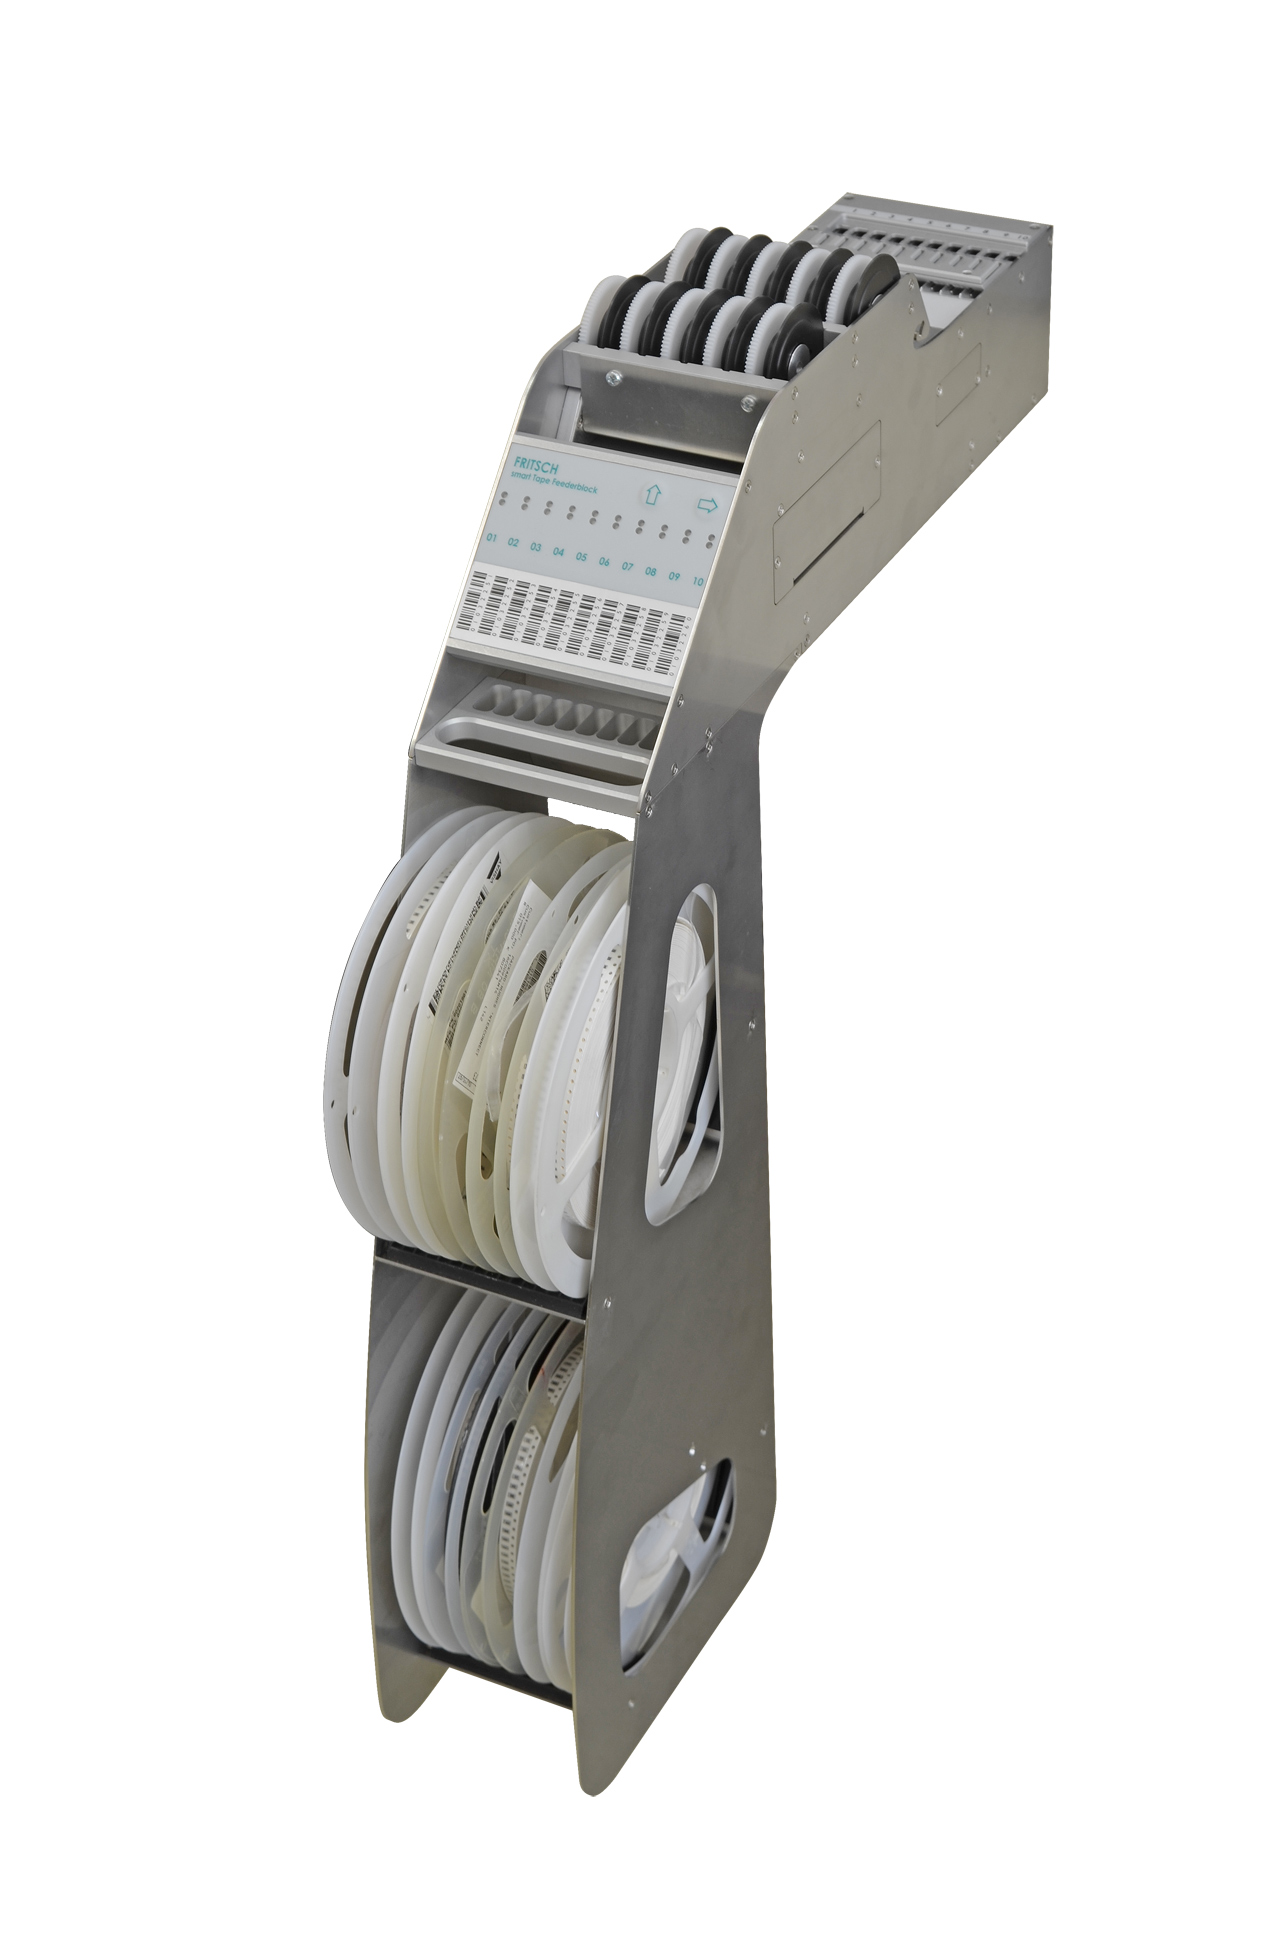 products usa labeler feeder l stamp rena tabber affixer label